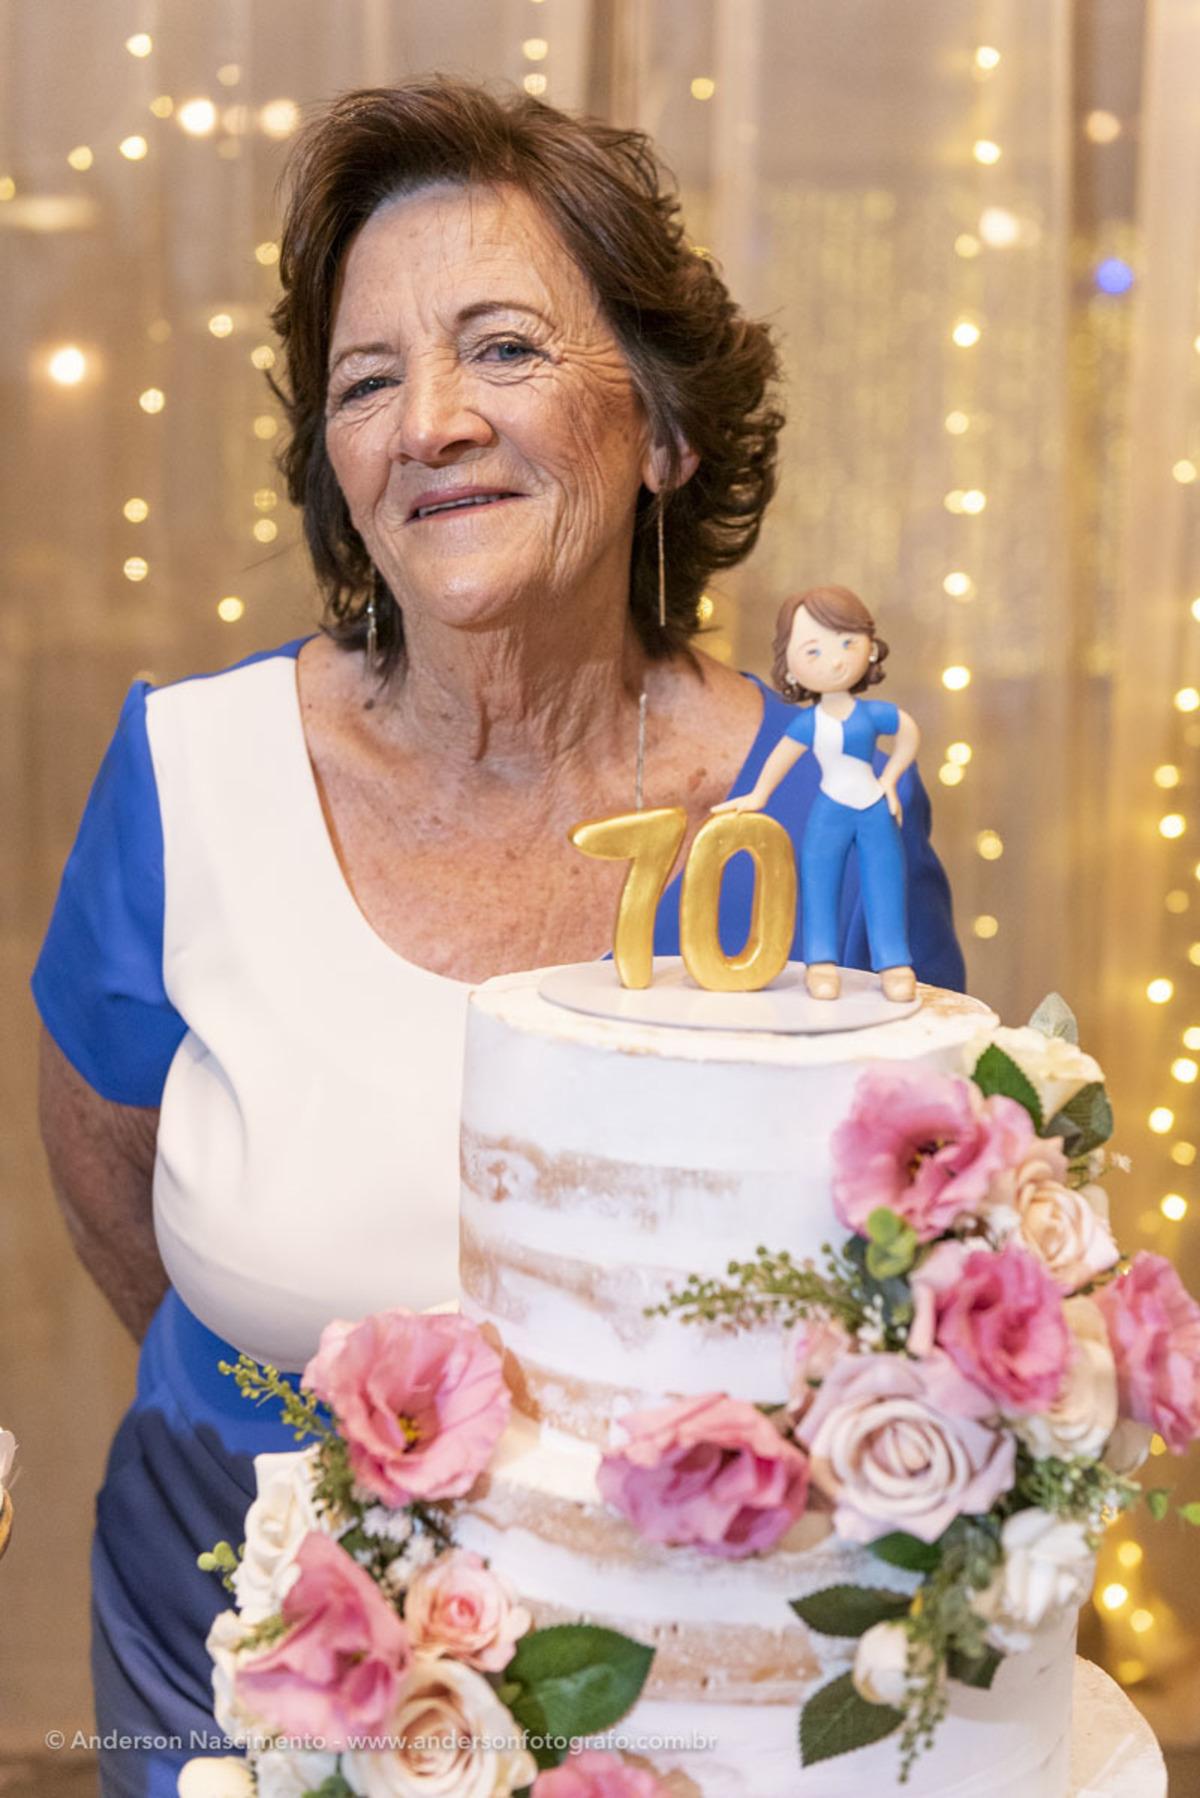 foto-posada-aniversario-70-anos-bolo-buffet-villa-da-mooca